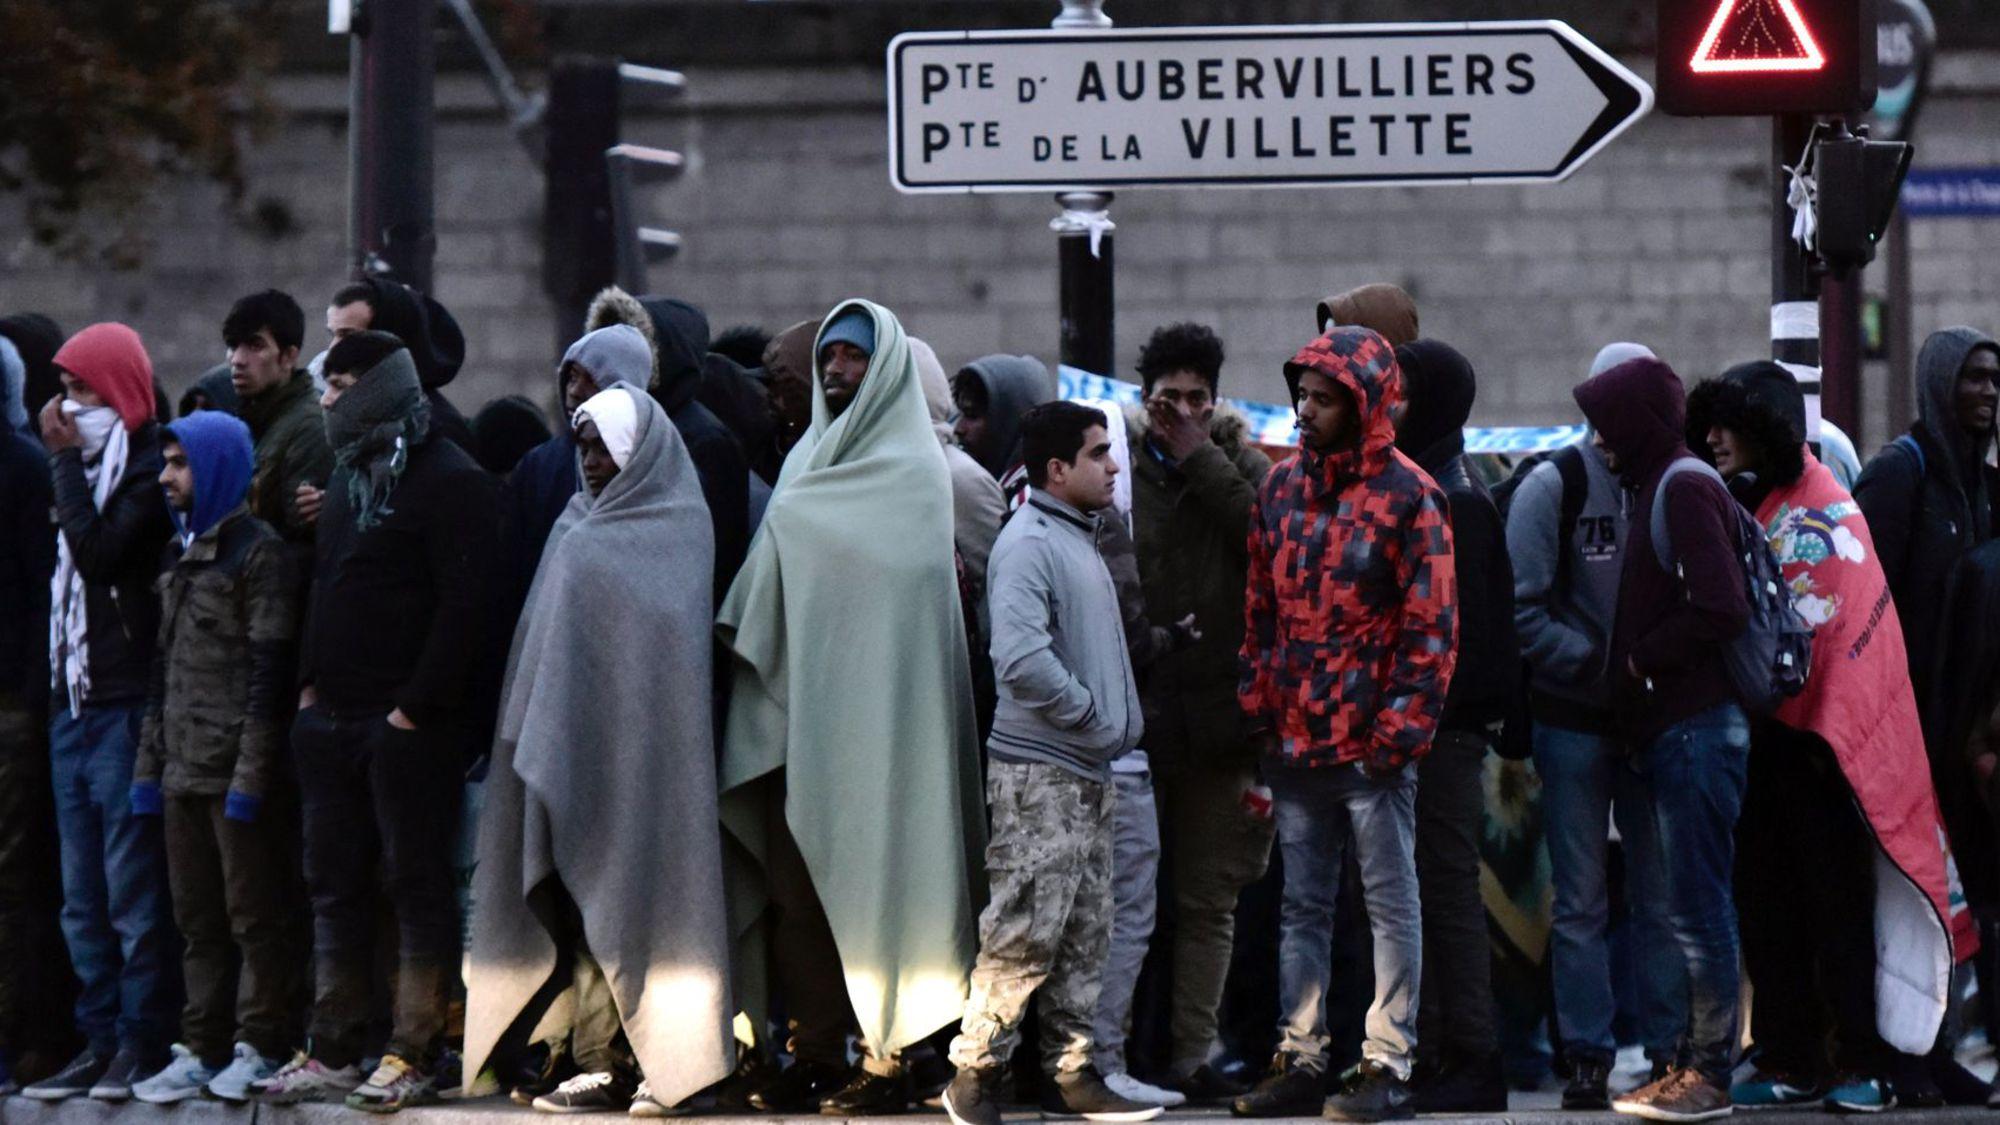 Brice Hortefeux : « Sur le quinquennat de Macron, il y aura 2 millions de migrants supplémentaires » (Vidéo)